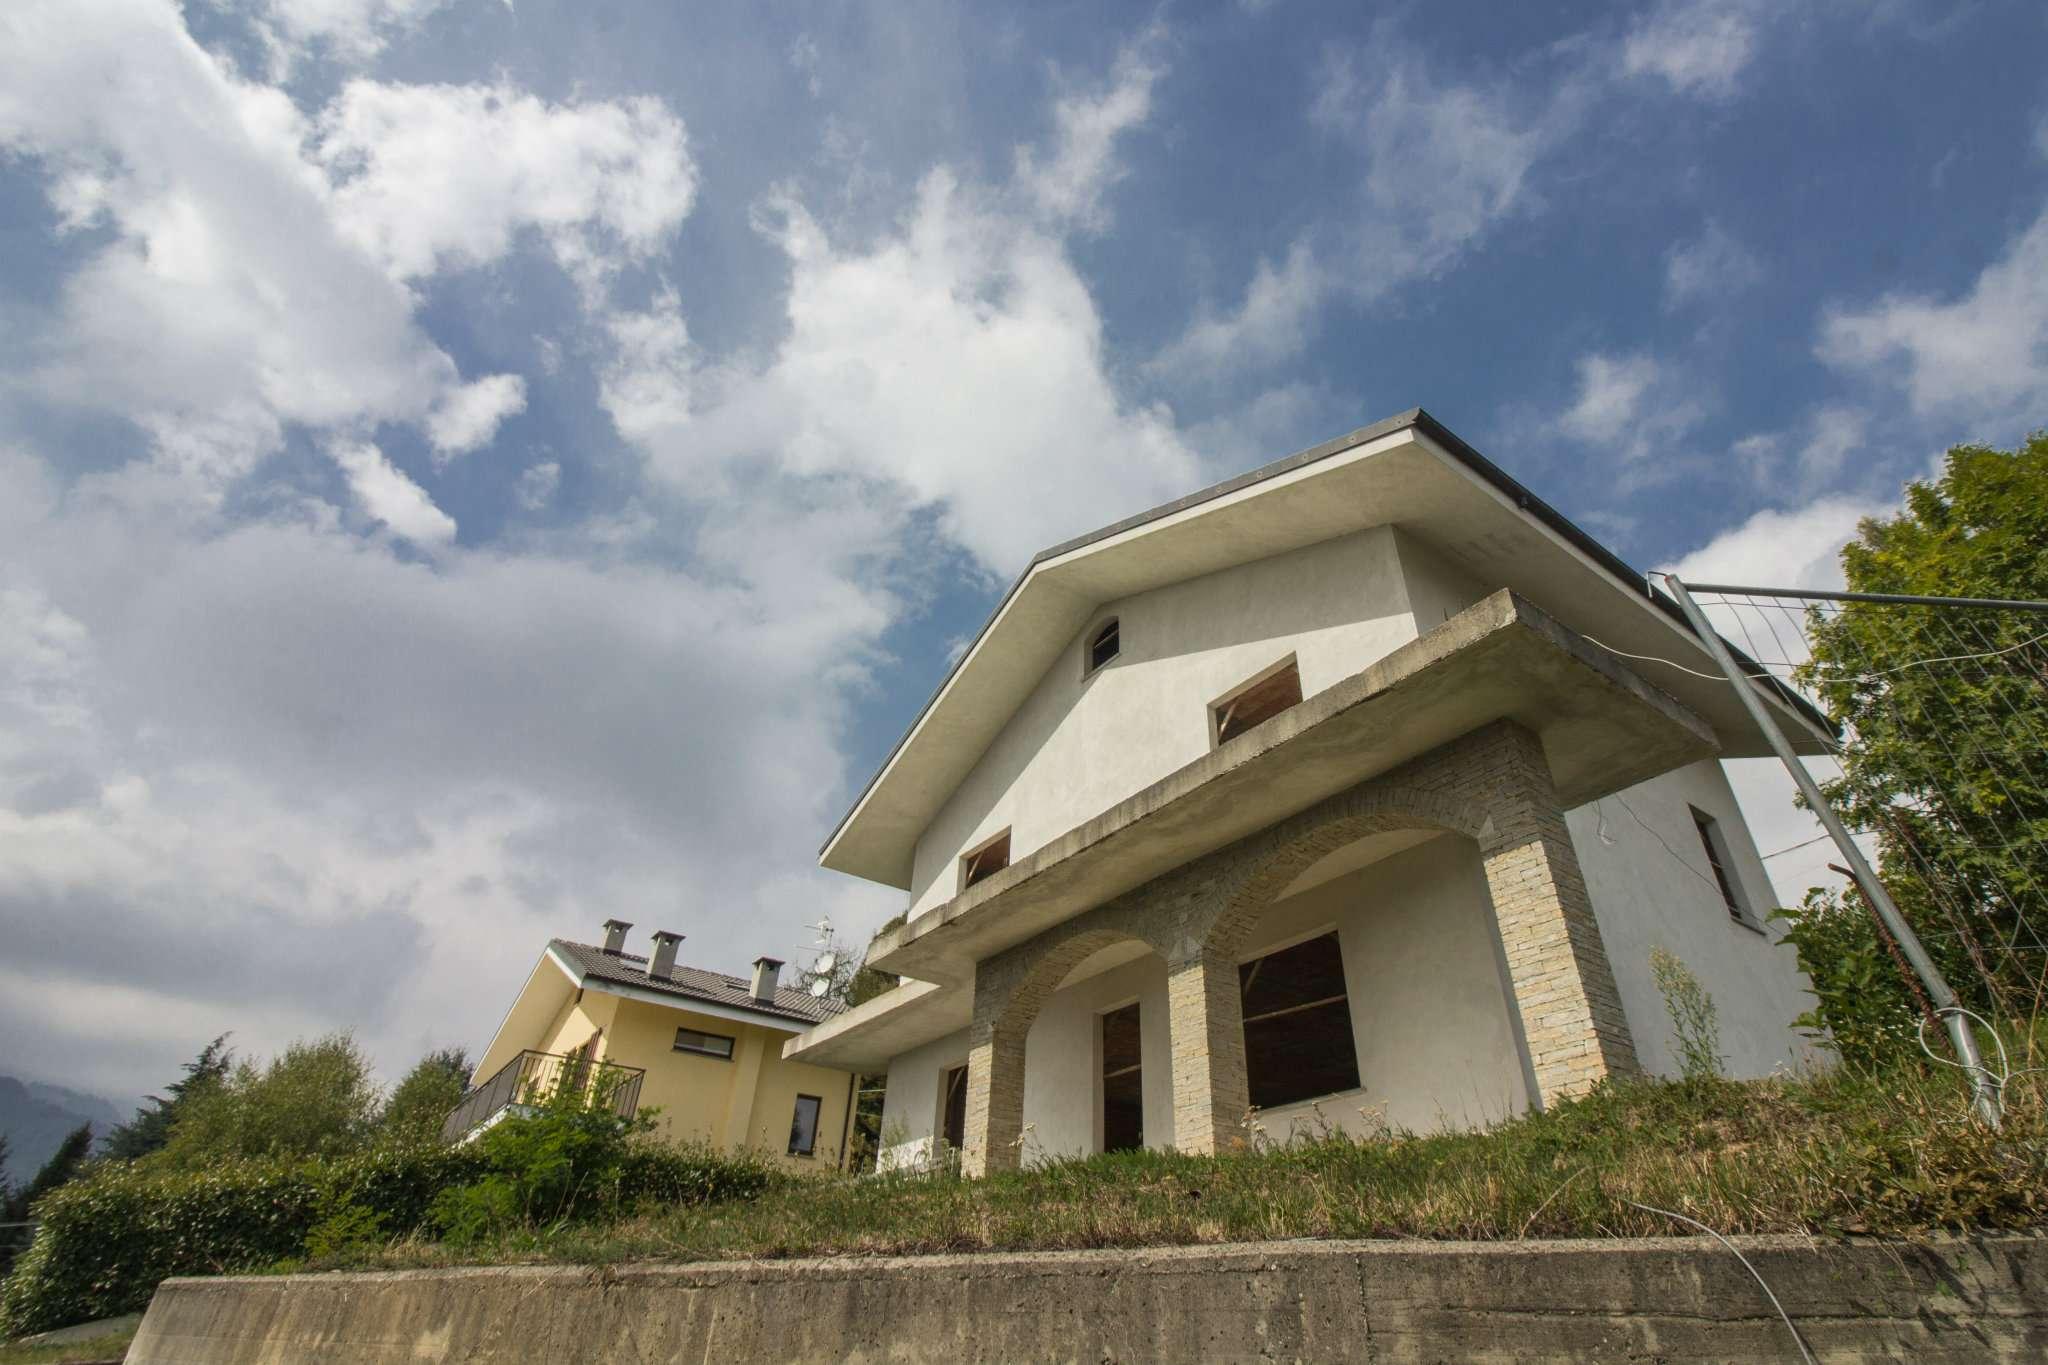 Villa in vendita a Angrogna, 5 locali, prezzo € 130.000 | CambioCasa.it